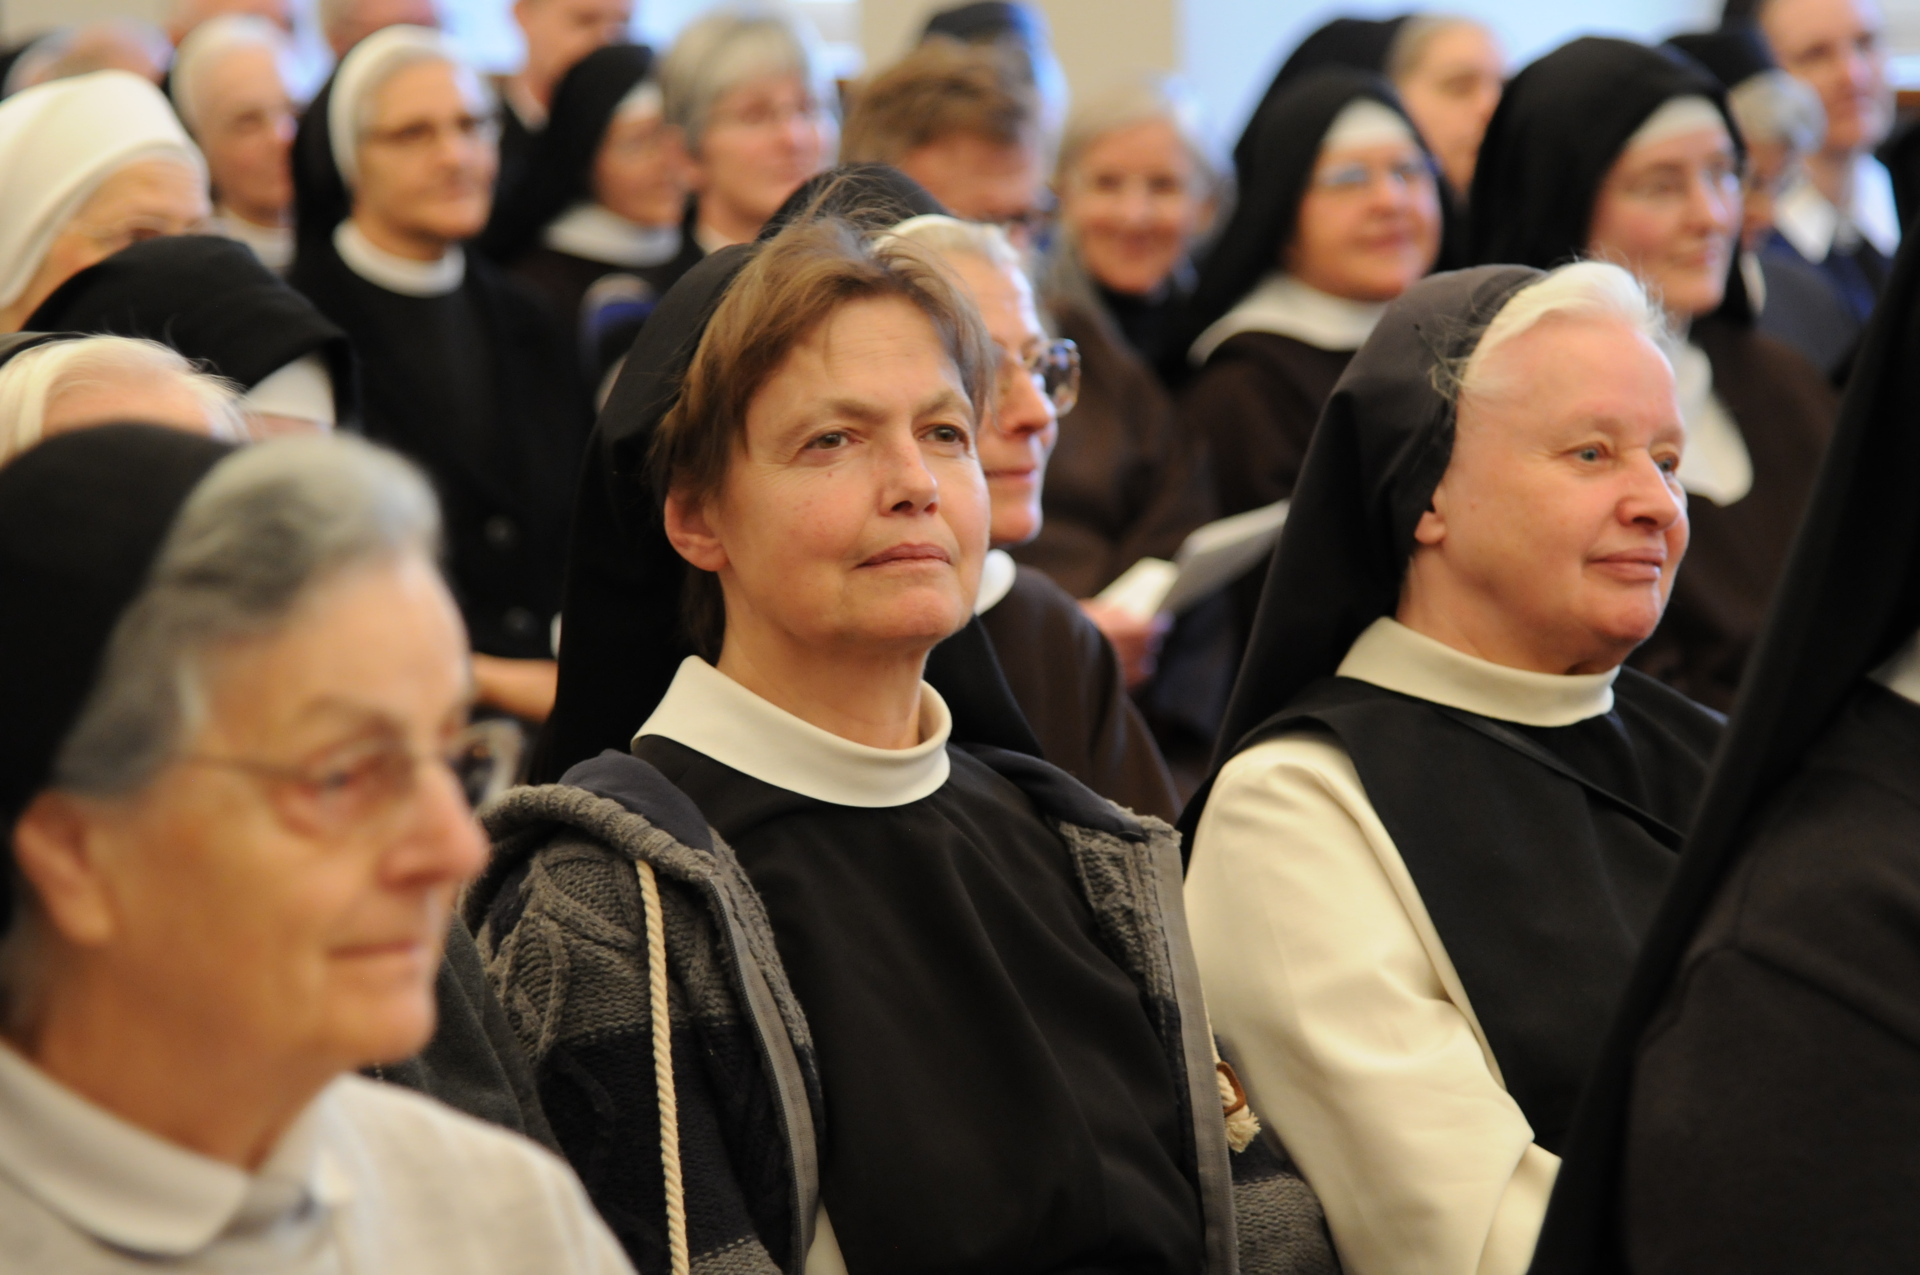 Kirchenrecht katholische kirche online dating 2